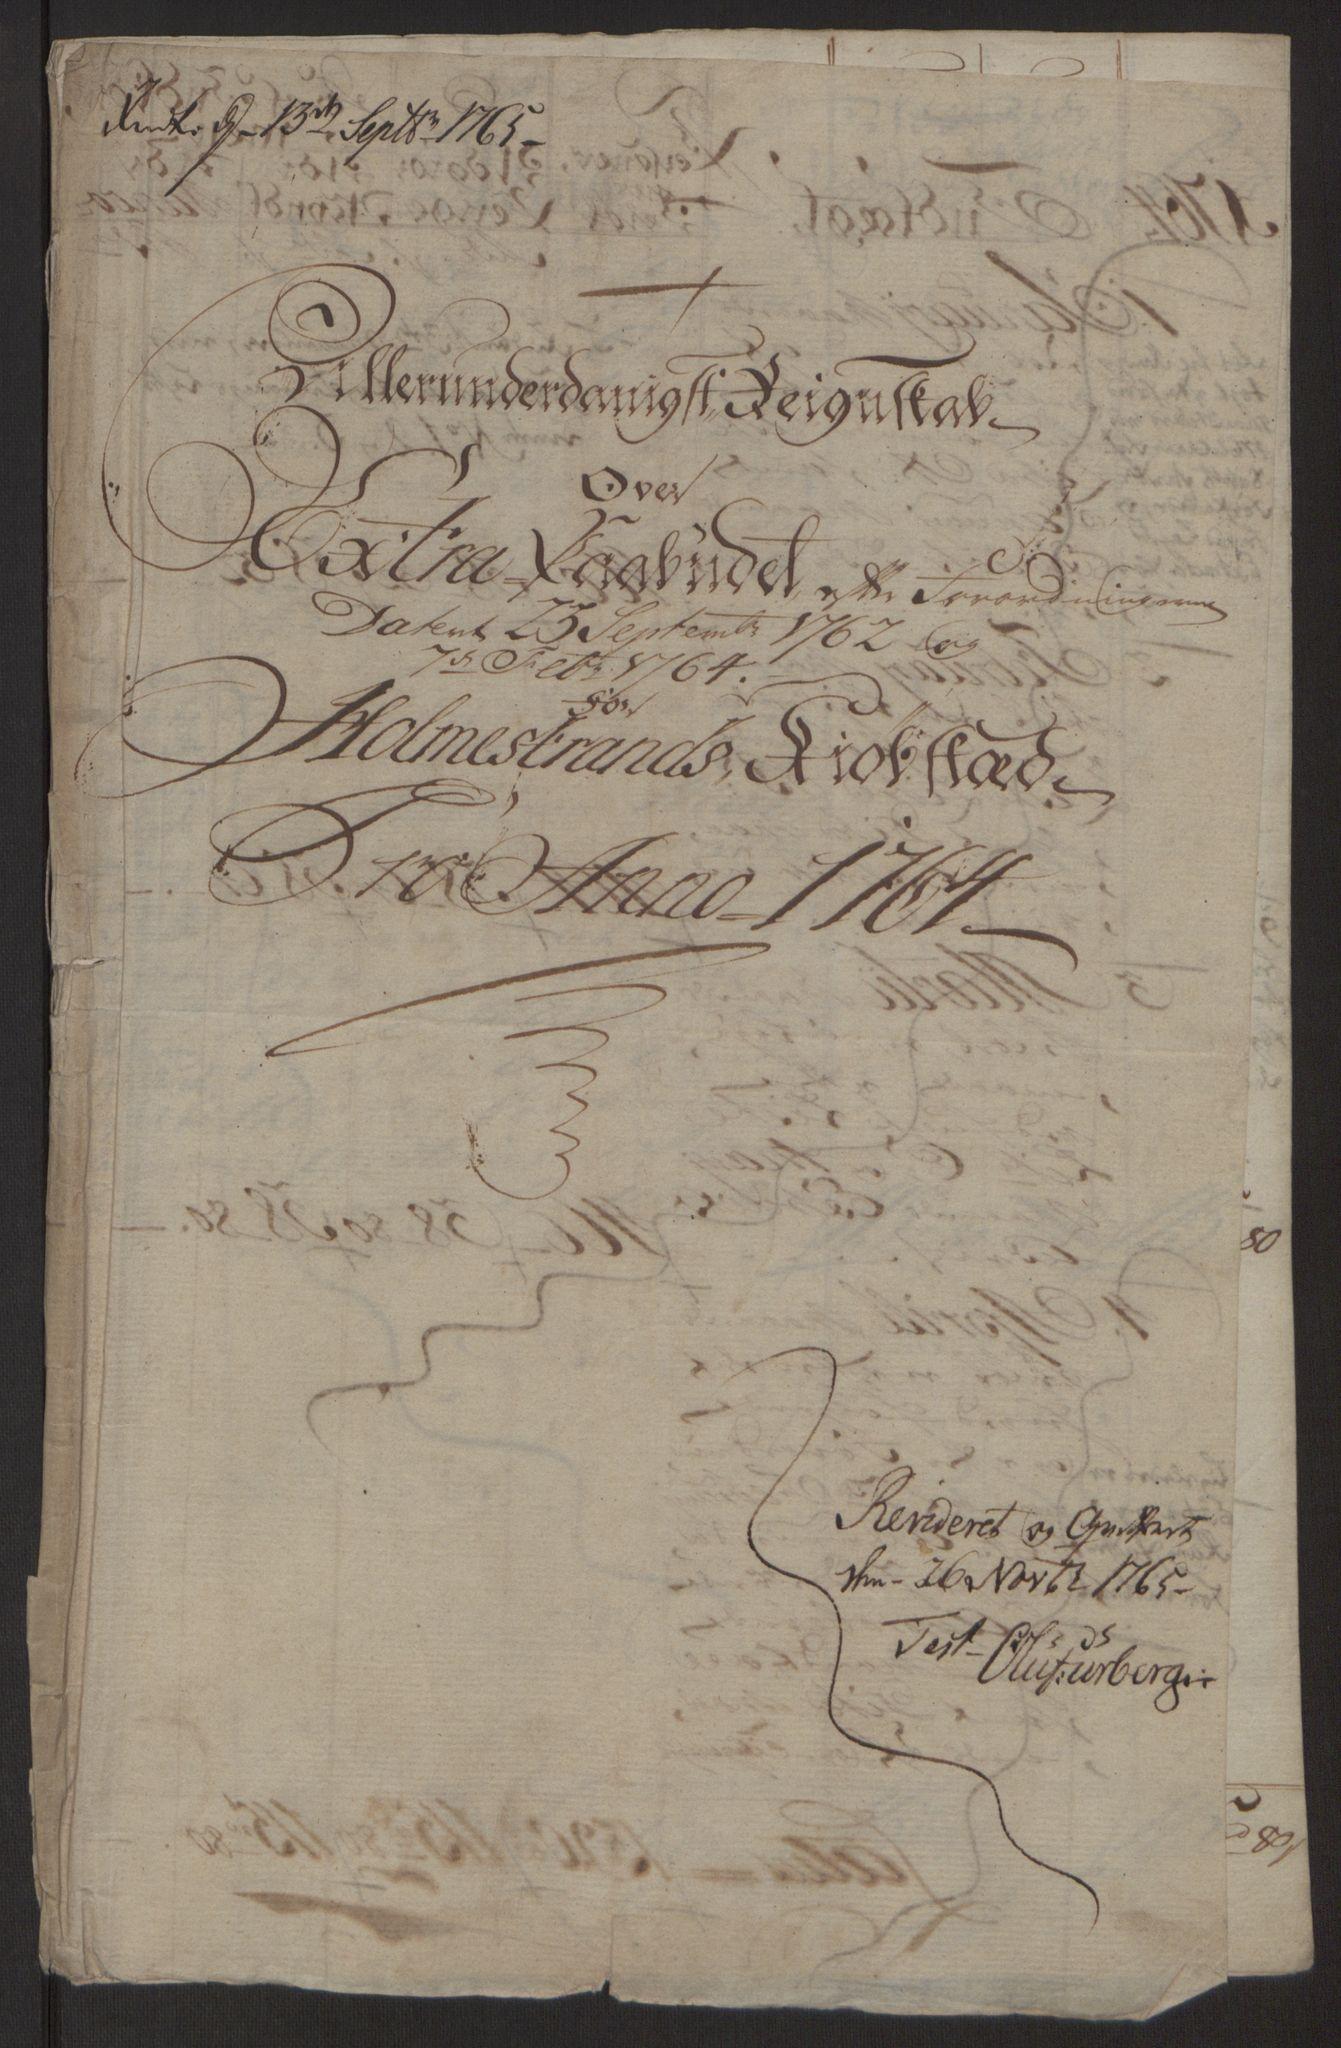 RA, Rentekammeret inntil 1814, Reviderte regnskaper, Byregnskaper, R/Rh/L0163: [H4] Kontribusjonsregnskap, 1762-1772, s. 111